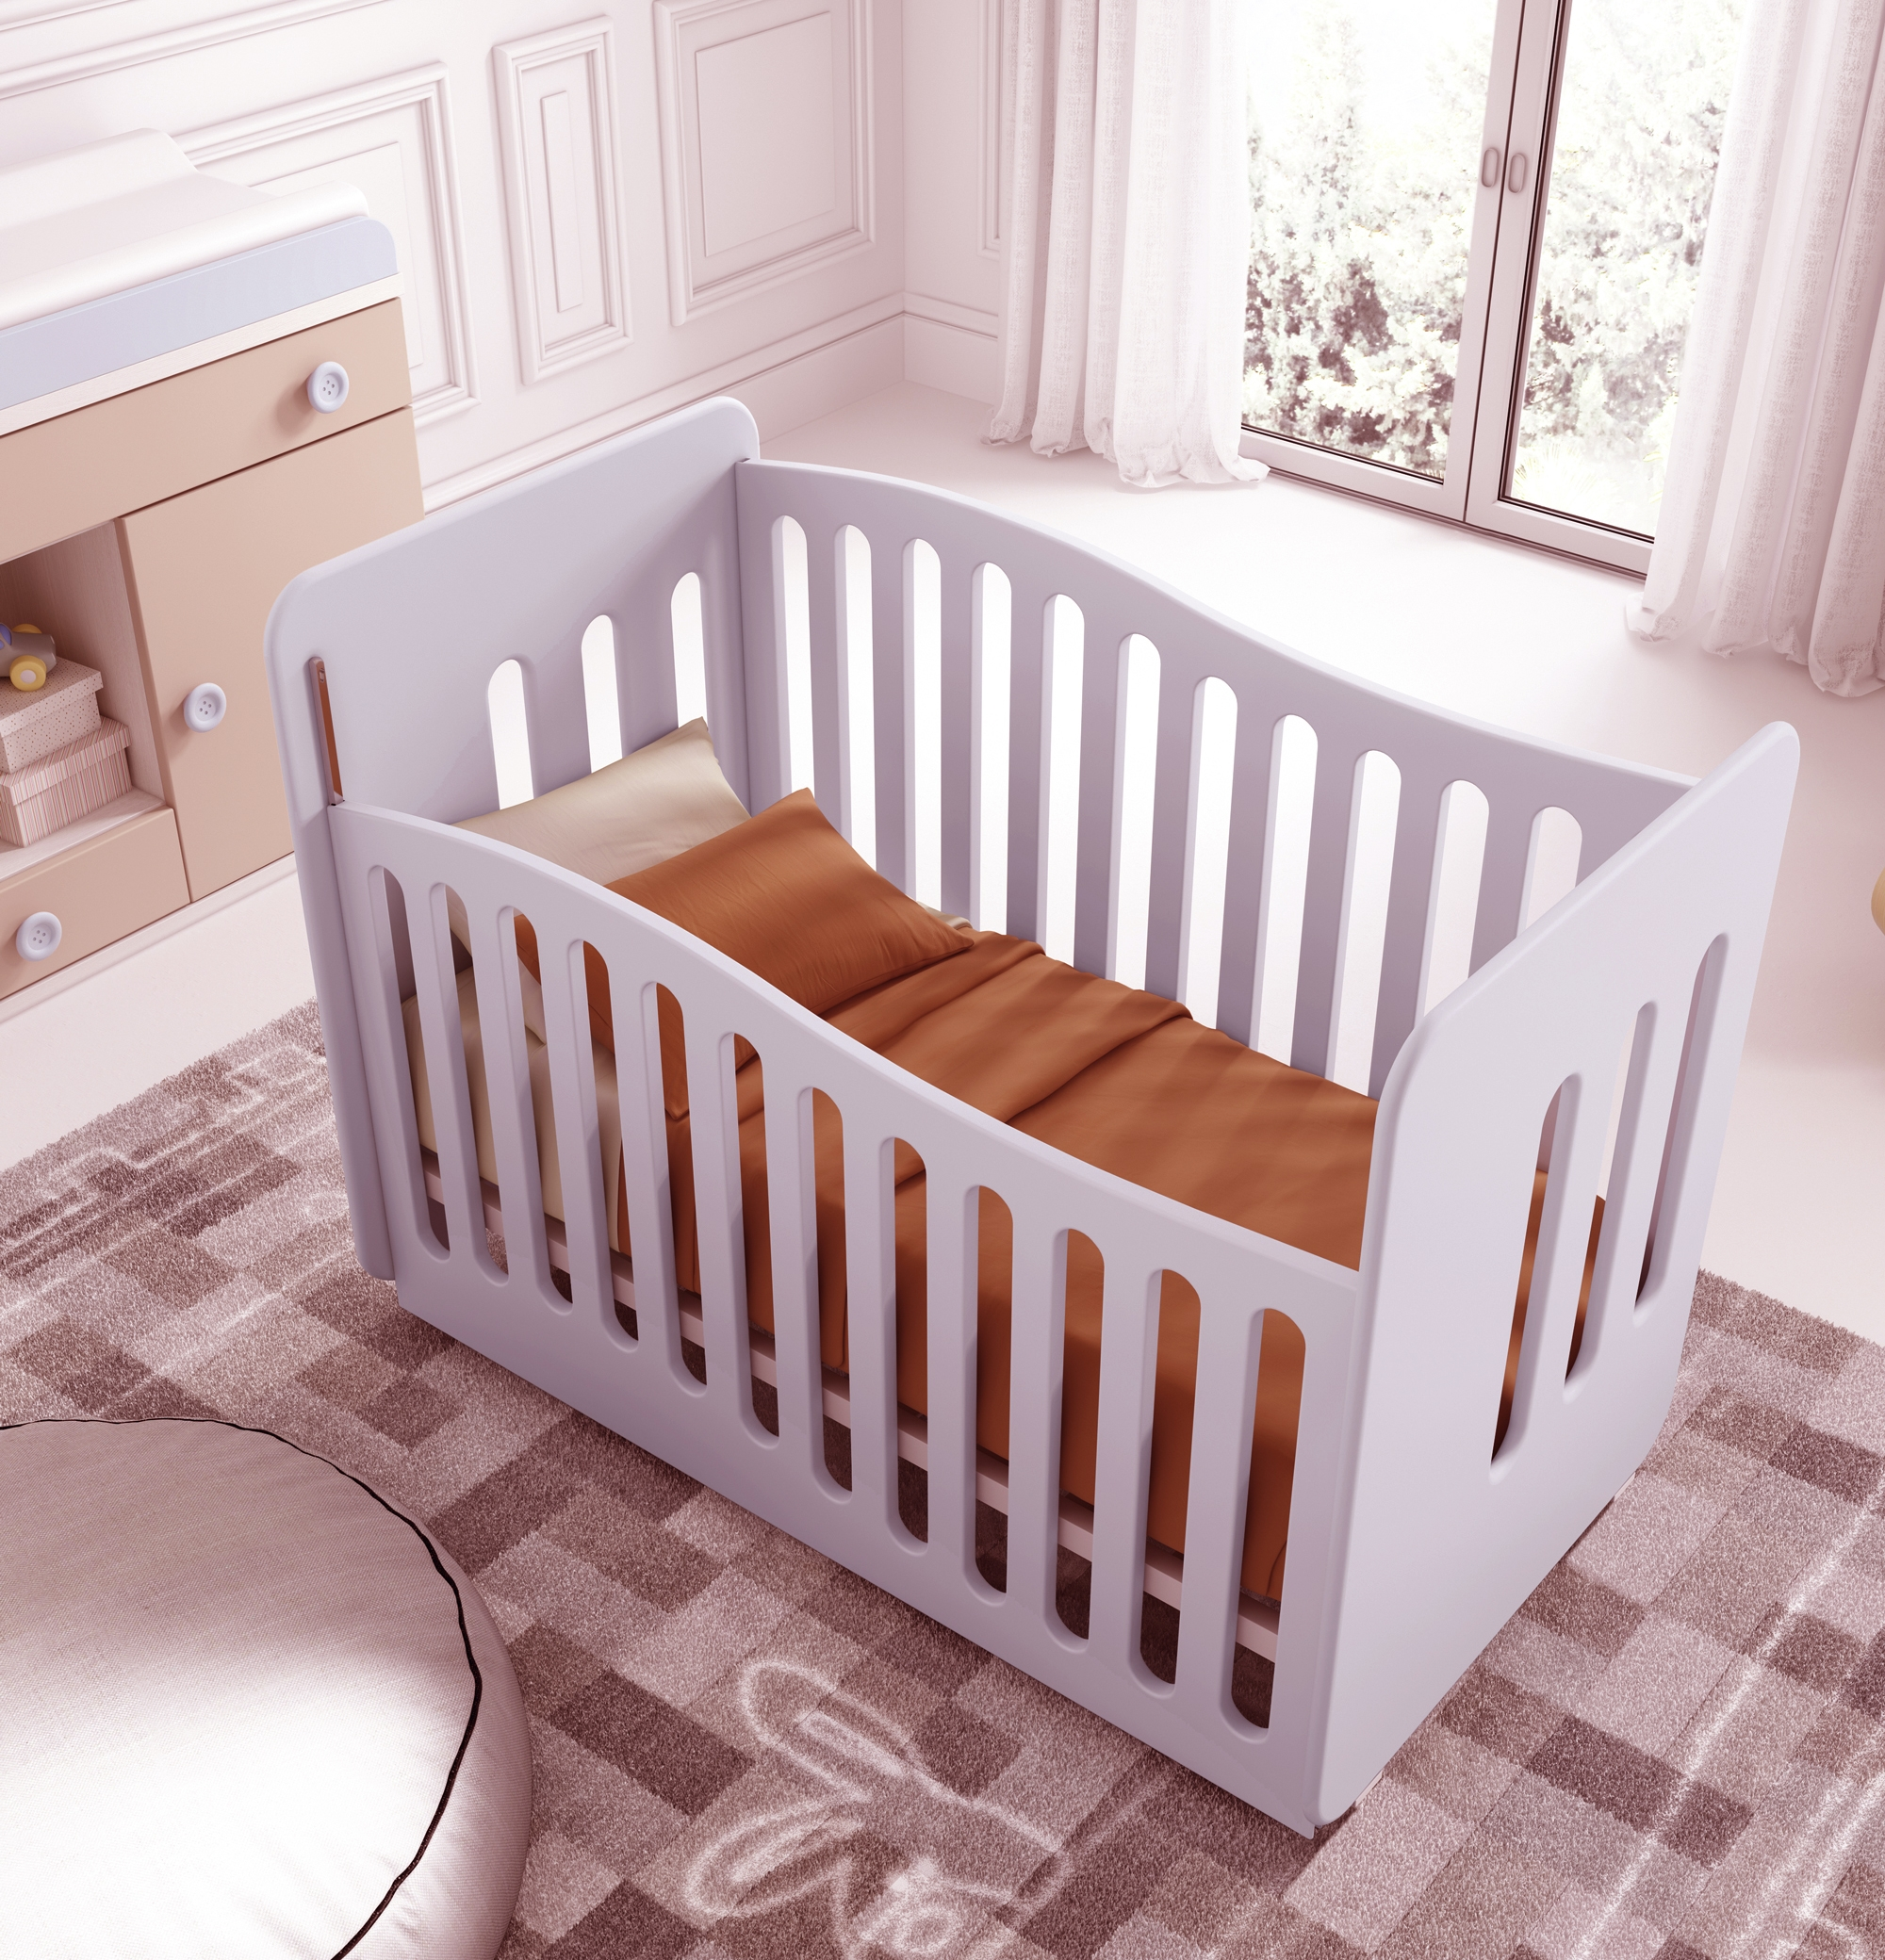 Chambre de bébé mixte Gioco avec lit et armoire GLICERIO SO NUIT